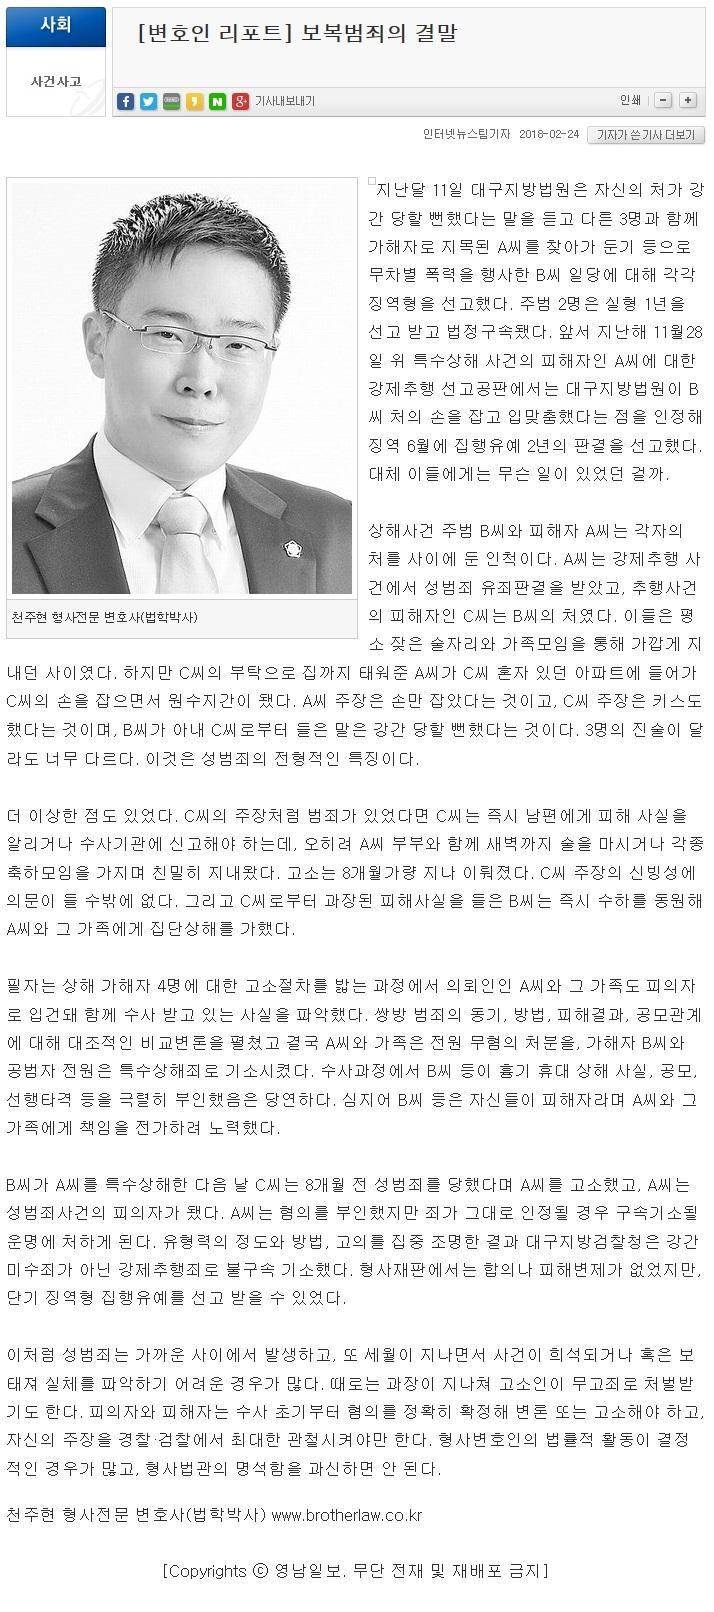 180224-영남일보 본문.jpg